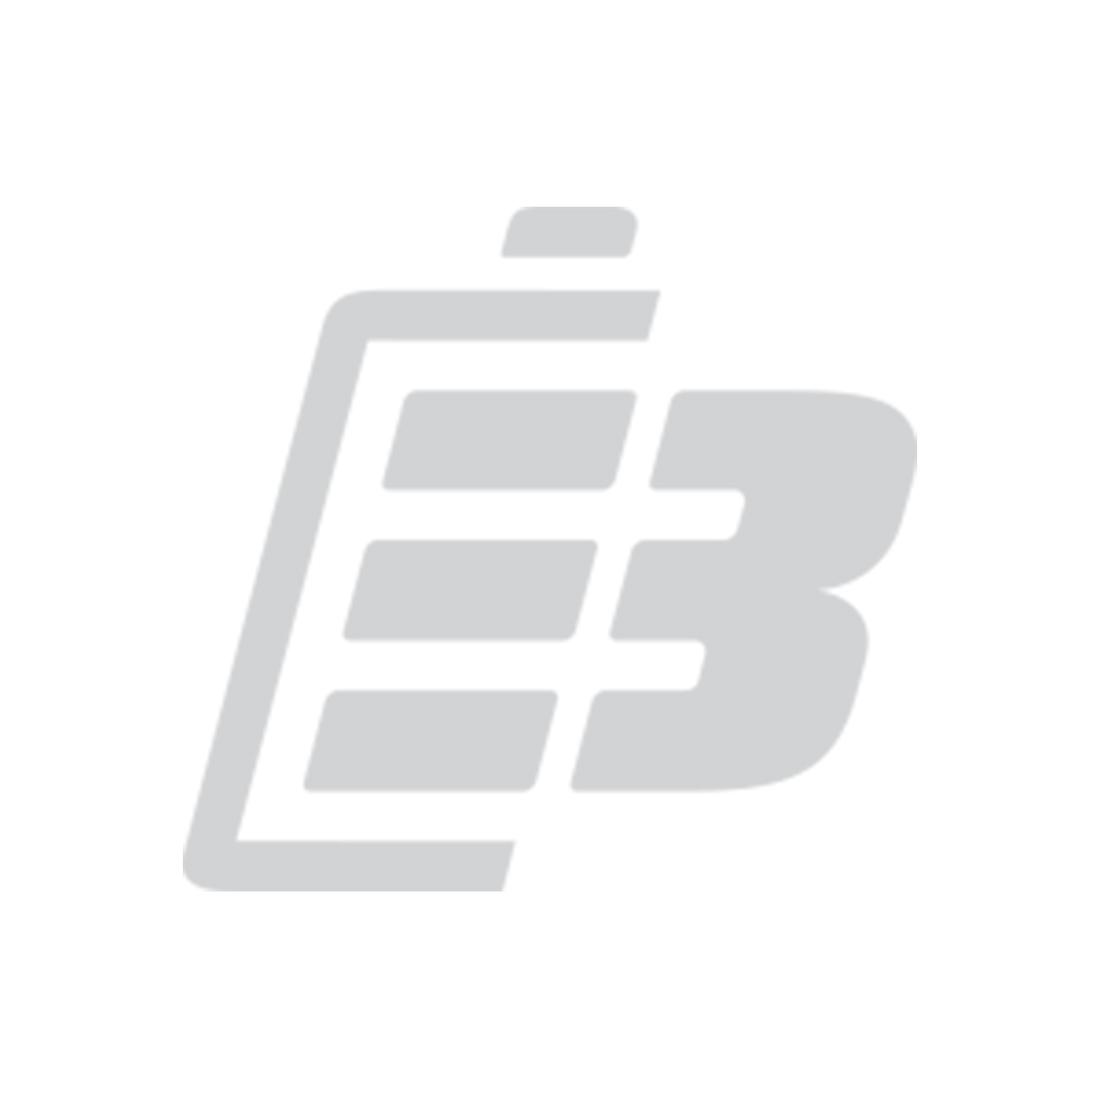 Μπαταρία smartphone ZTE Racer 2_1